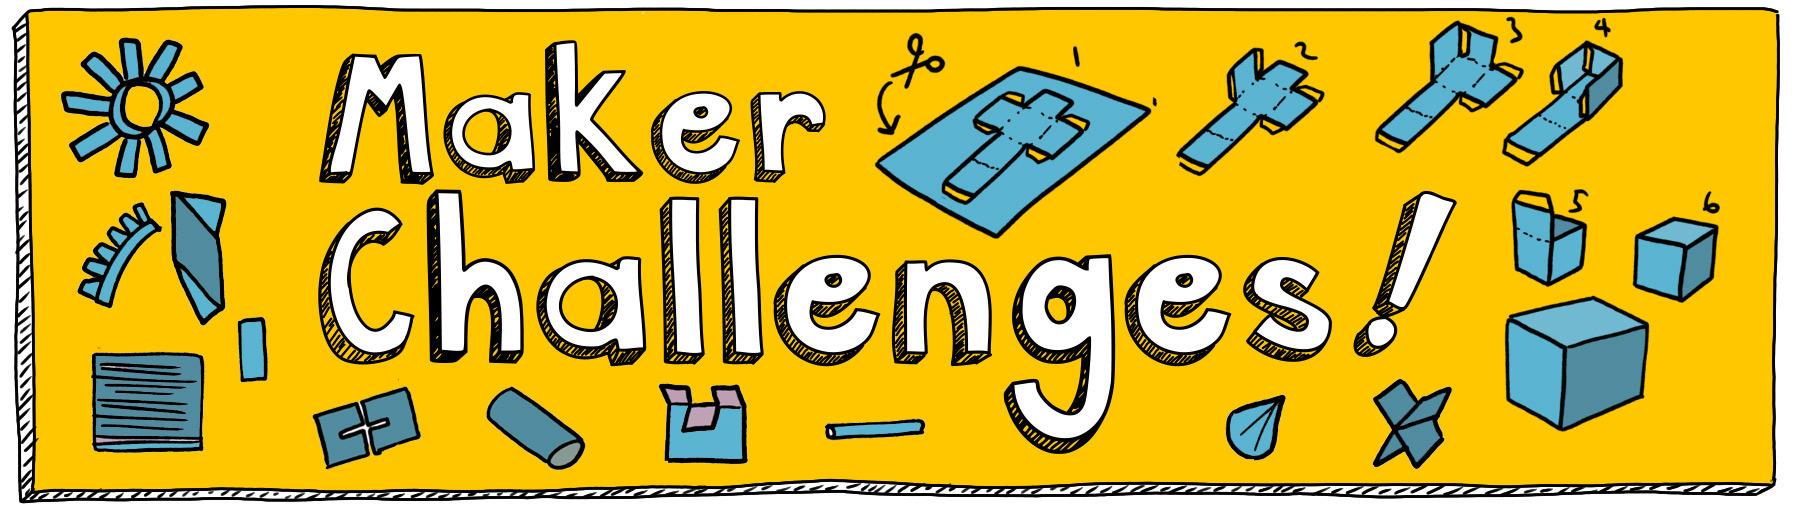 Maker challenges